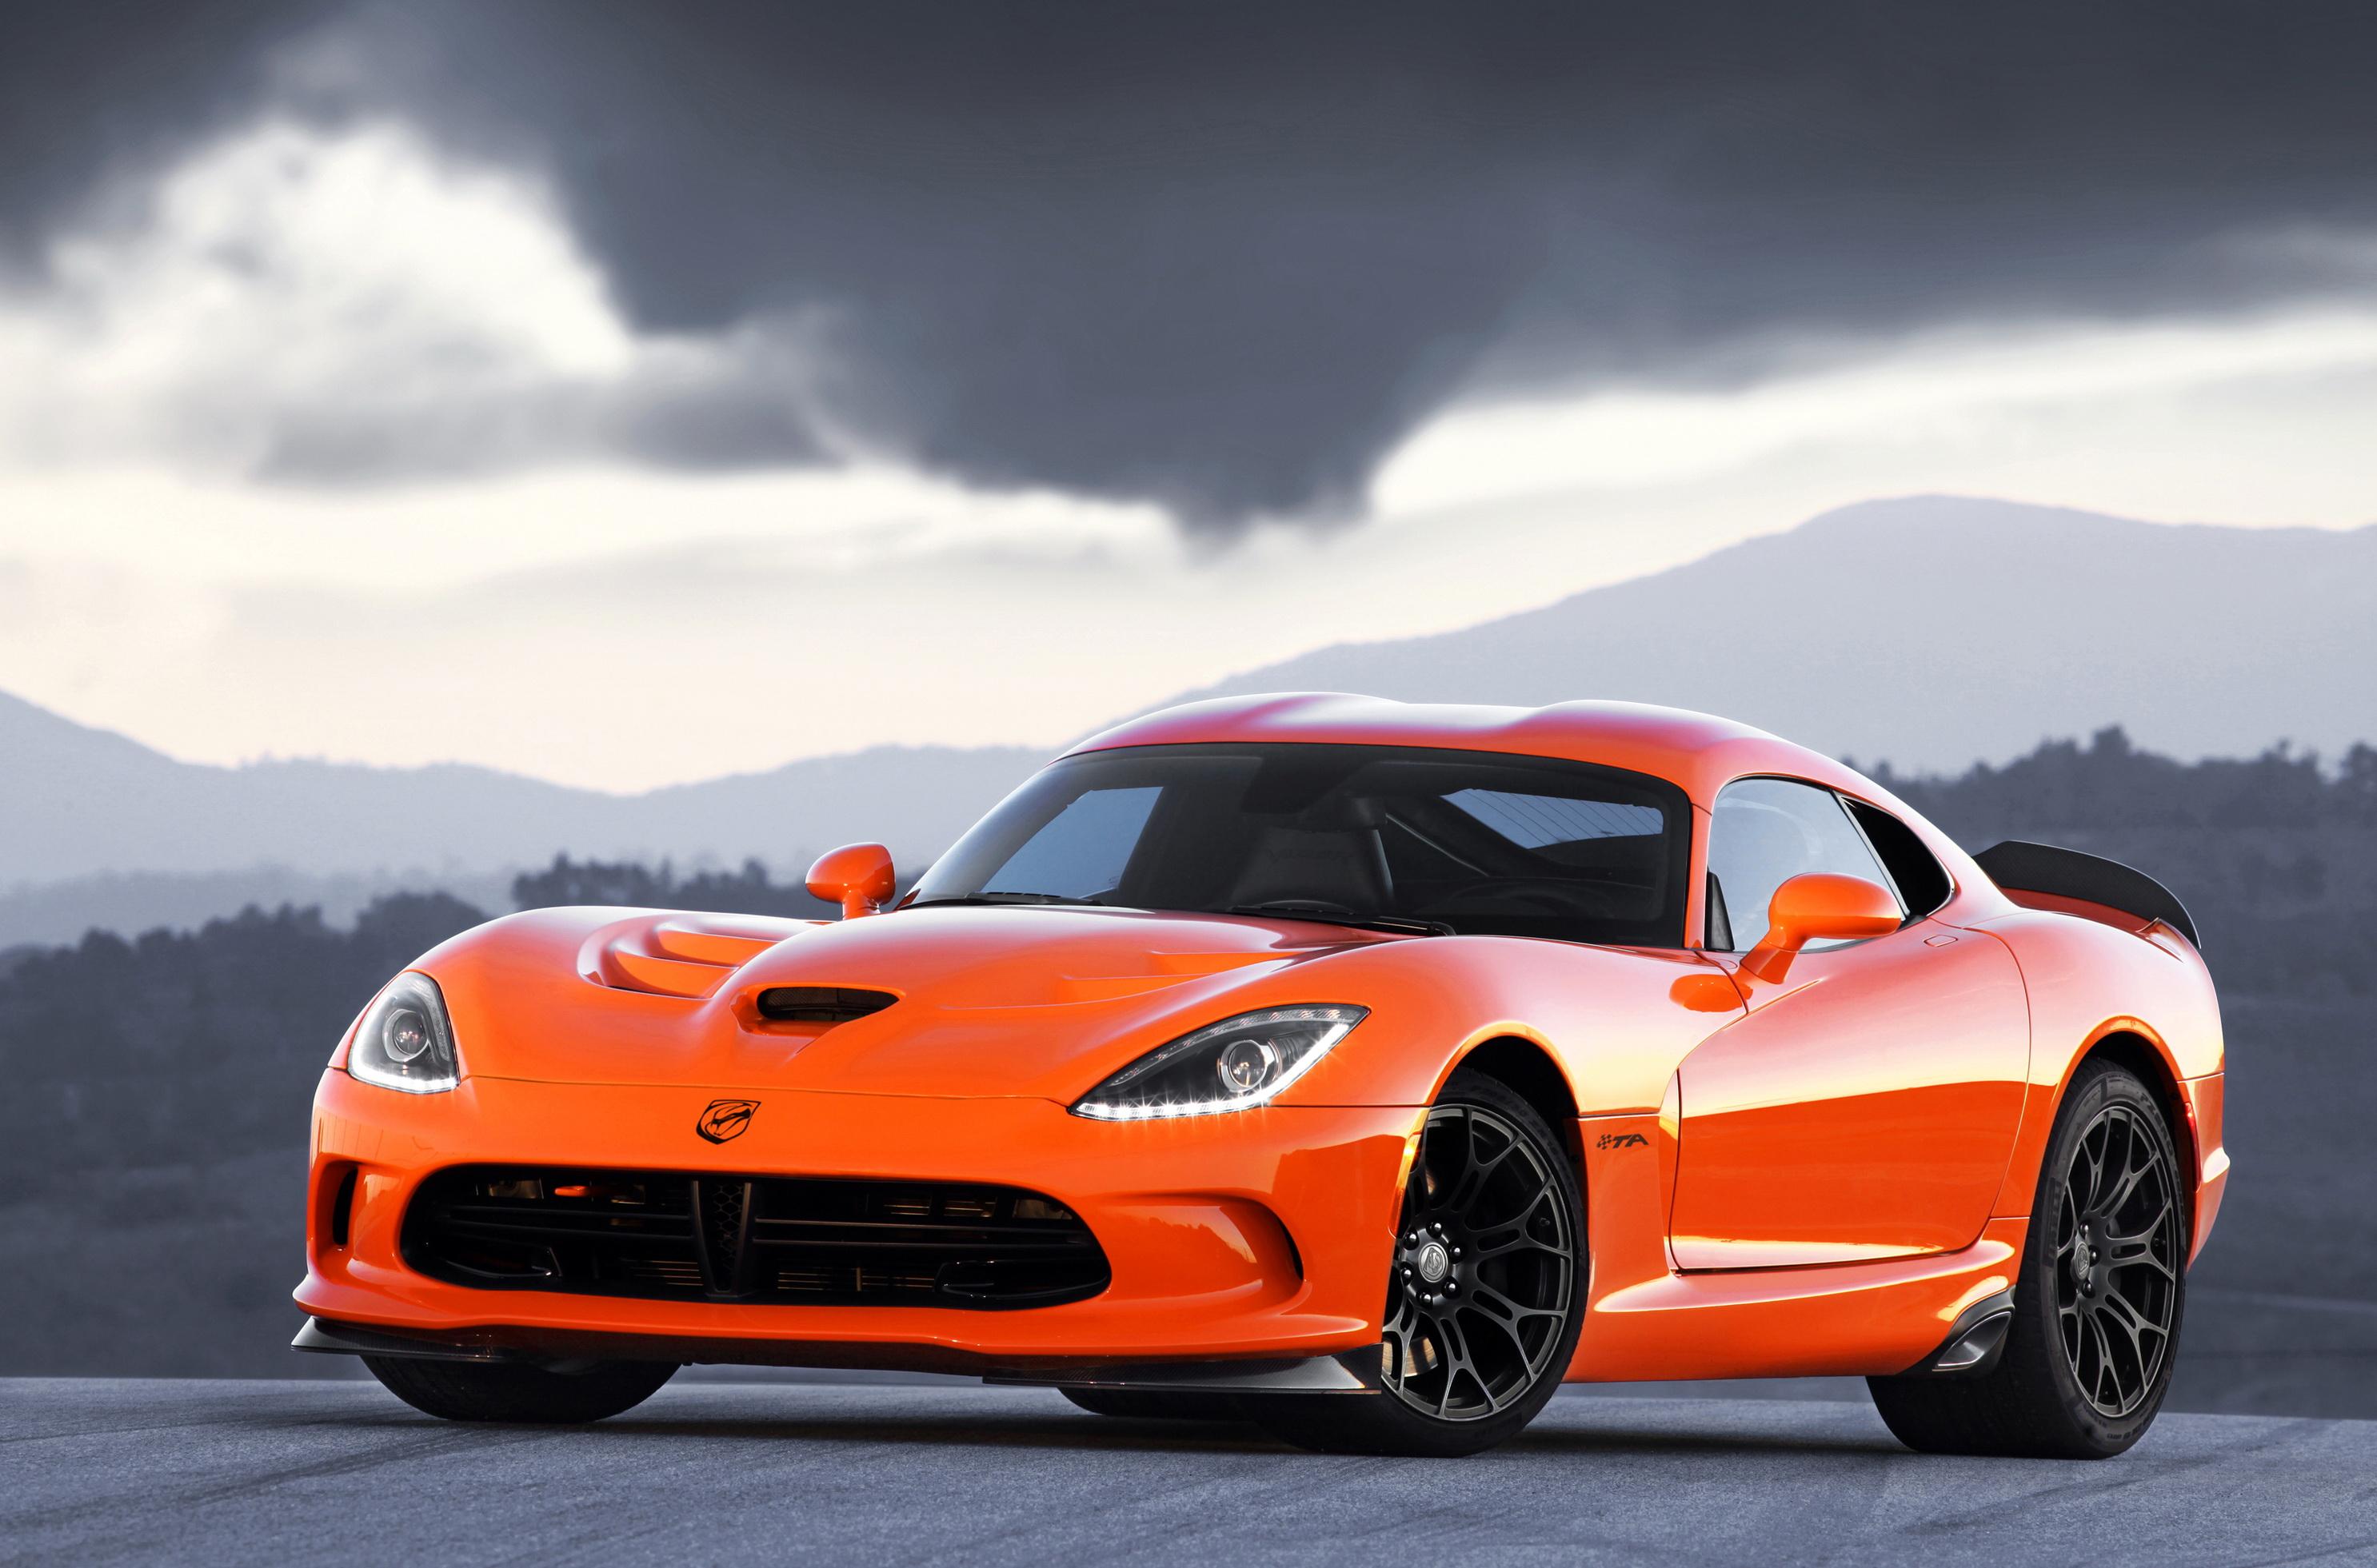 красный спортивный автомобиль Dodge Viper SRT  № 1128514 без смс